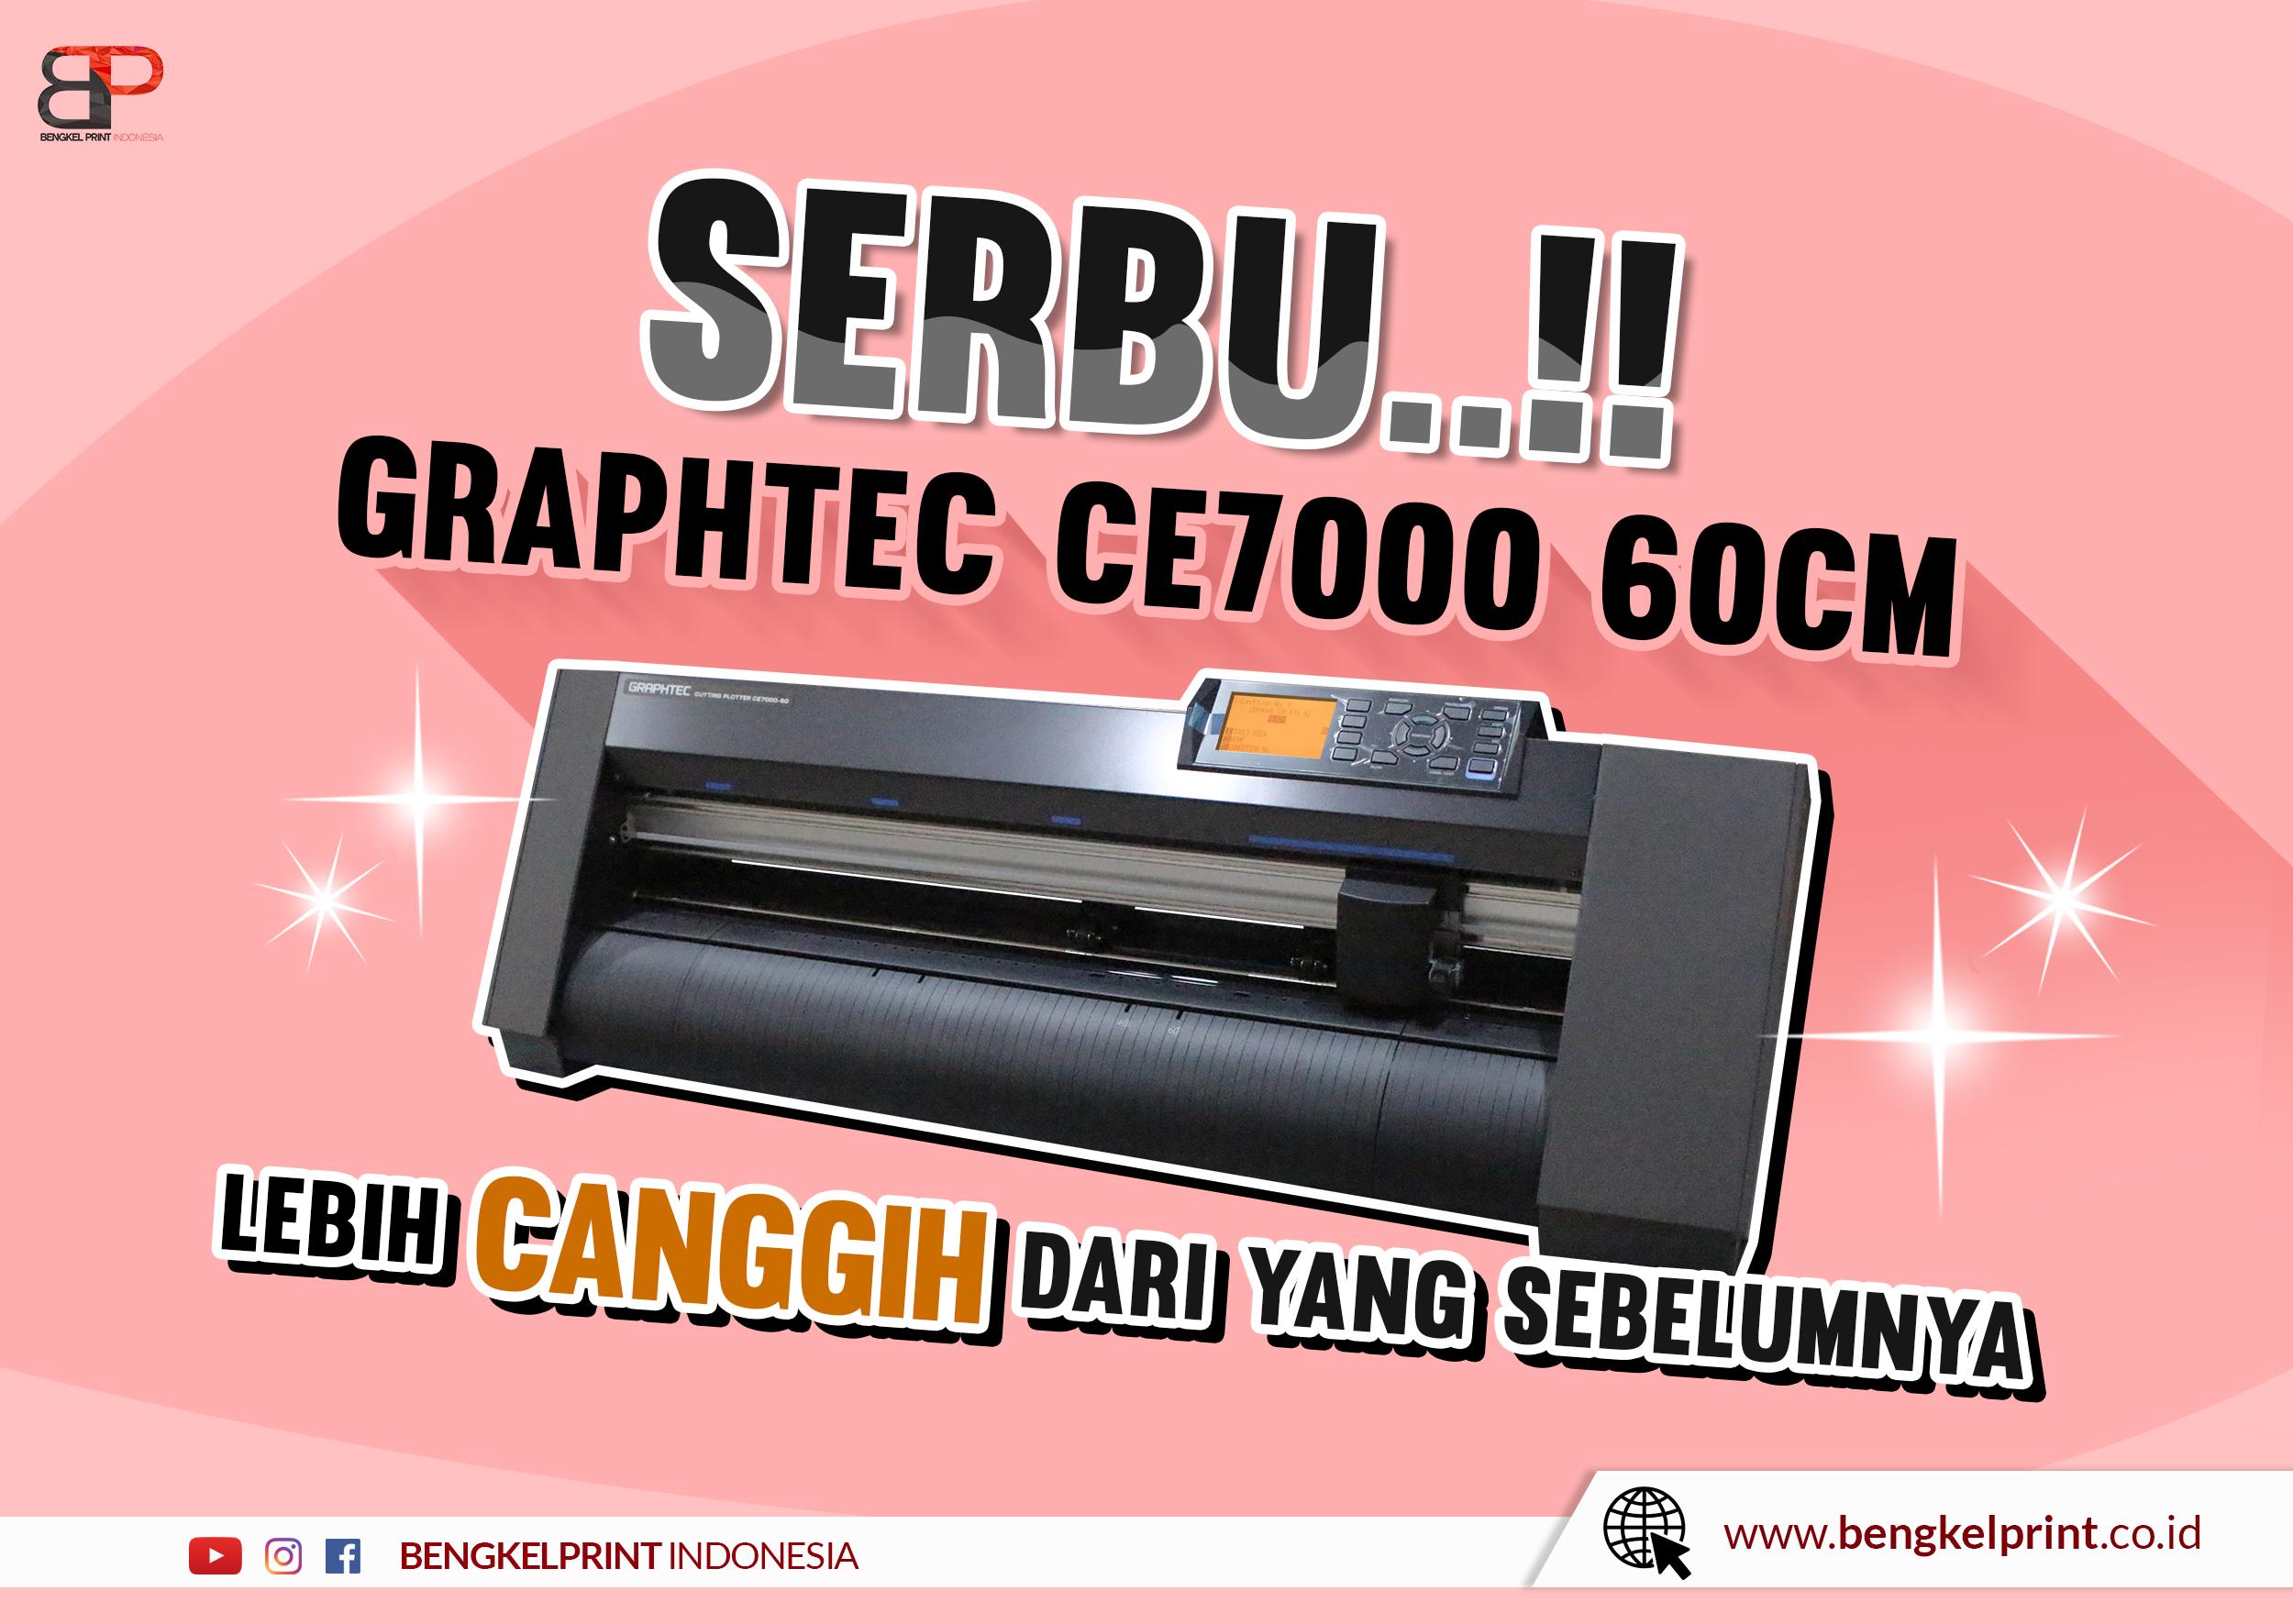 Harga Graphtec CE7000-60CM